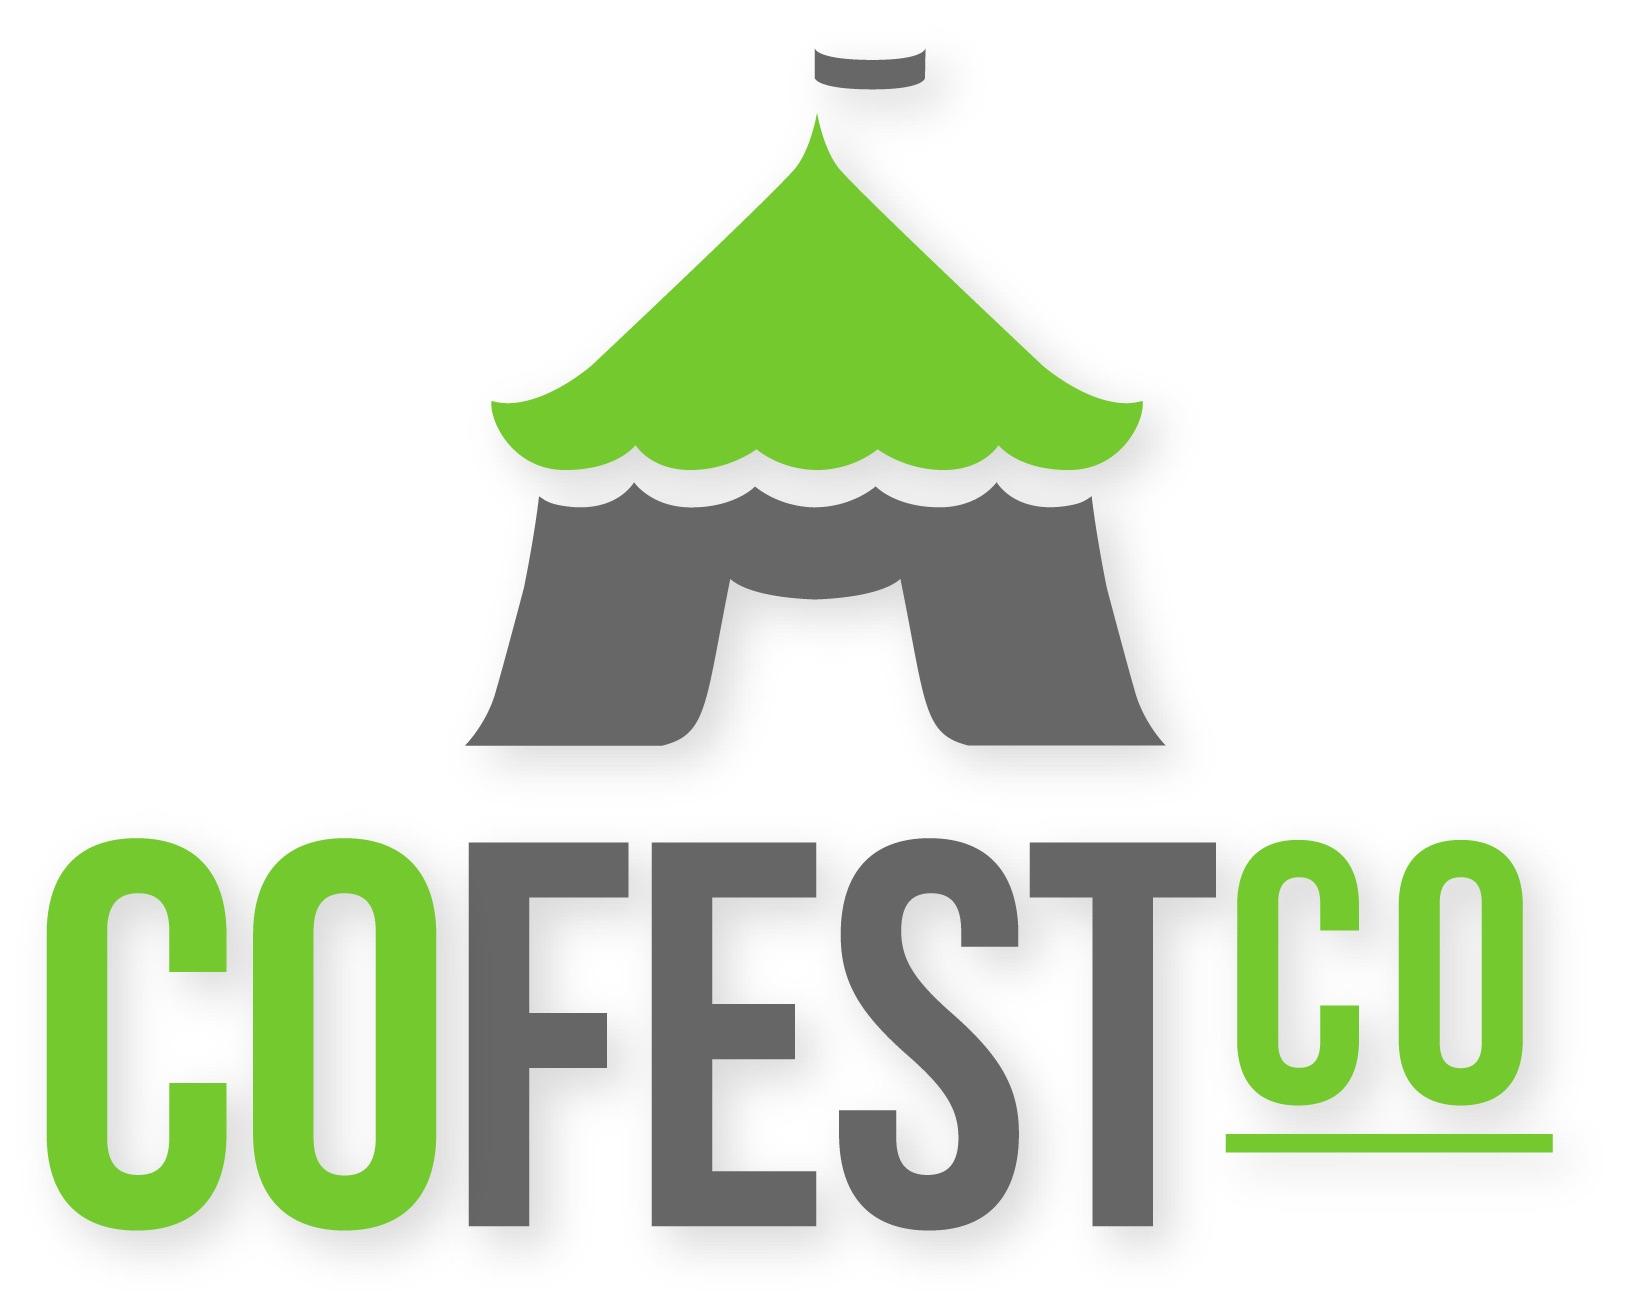 CoFestCo